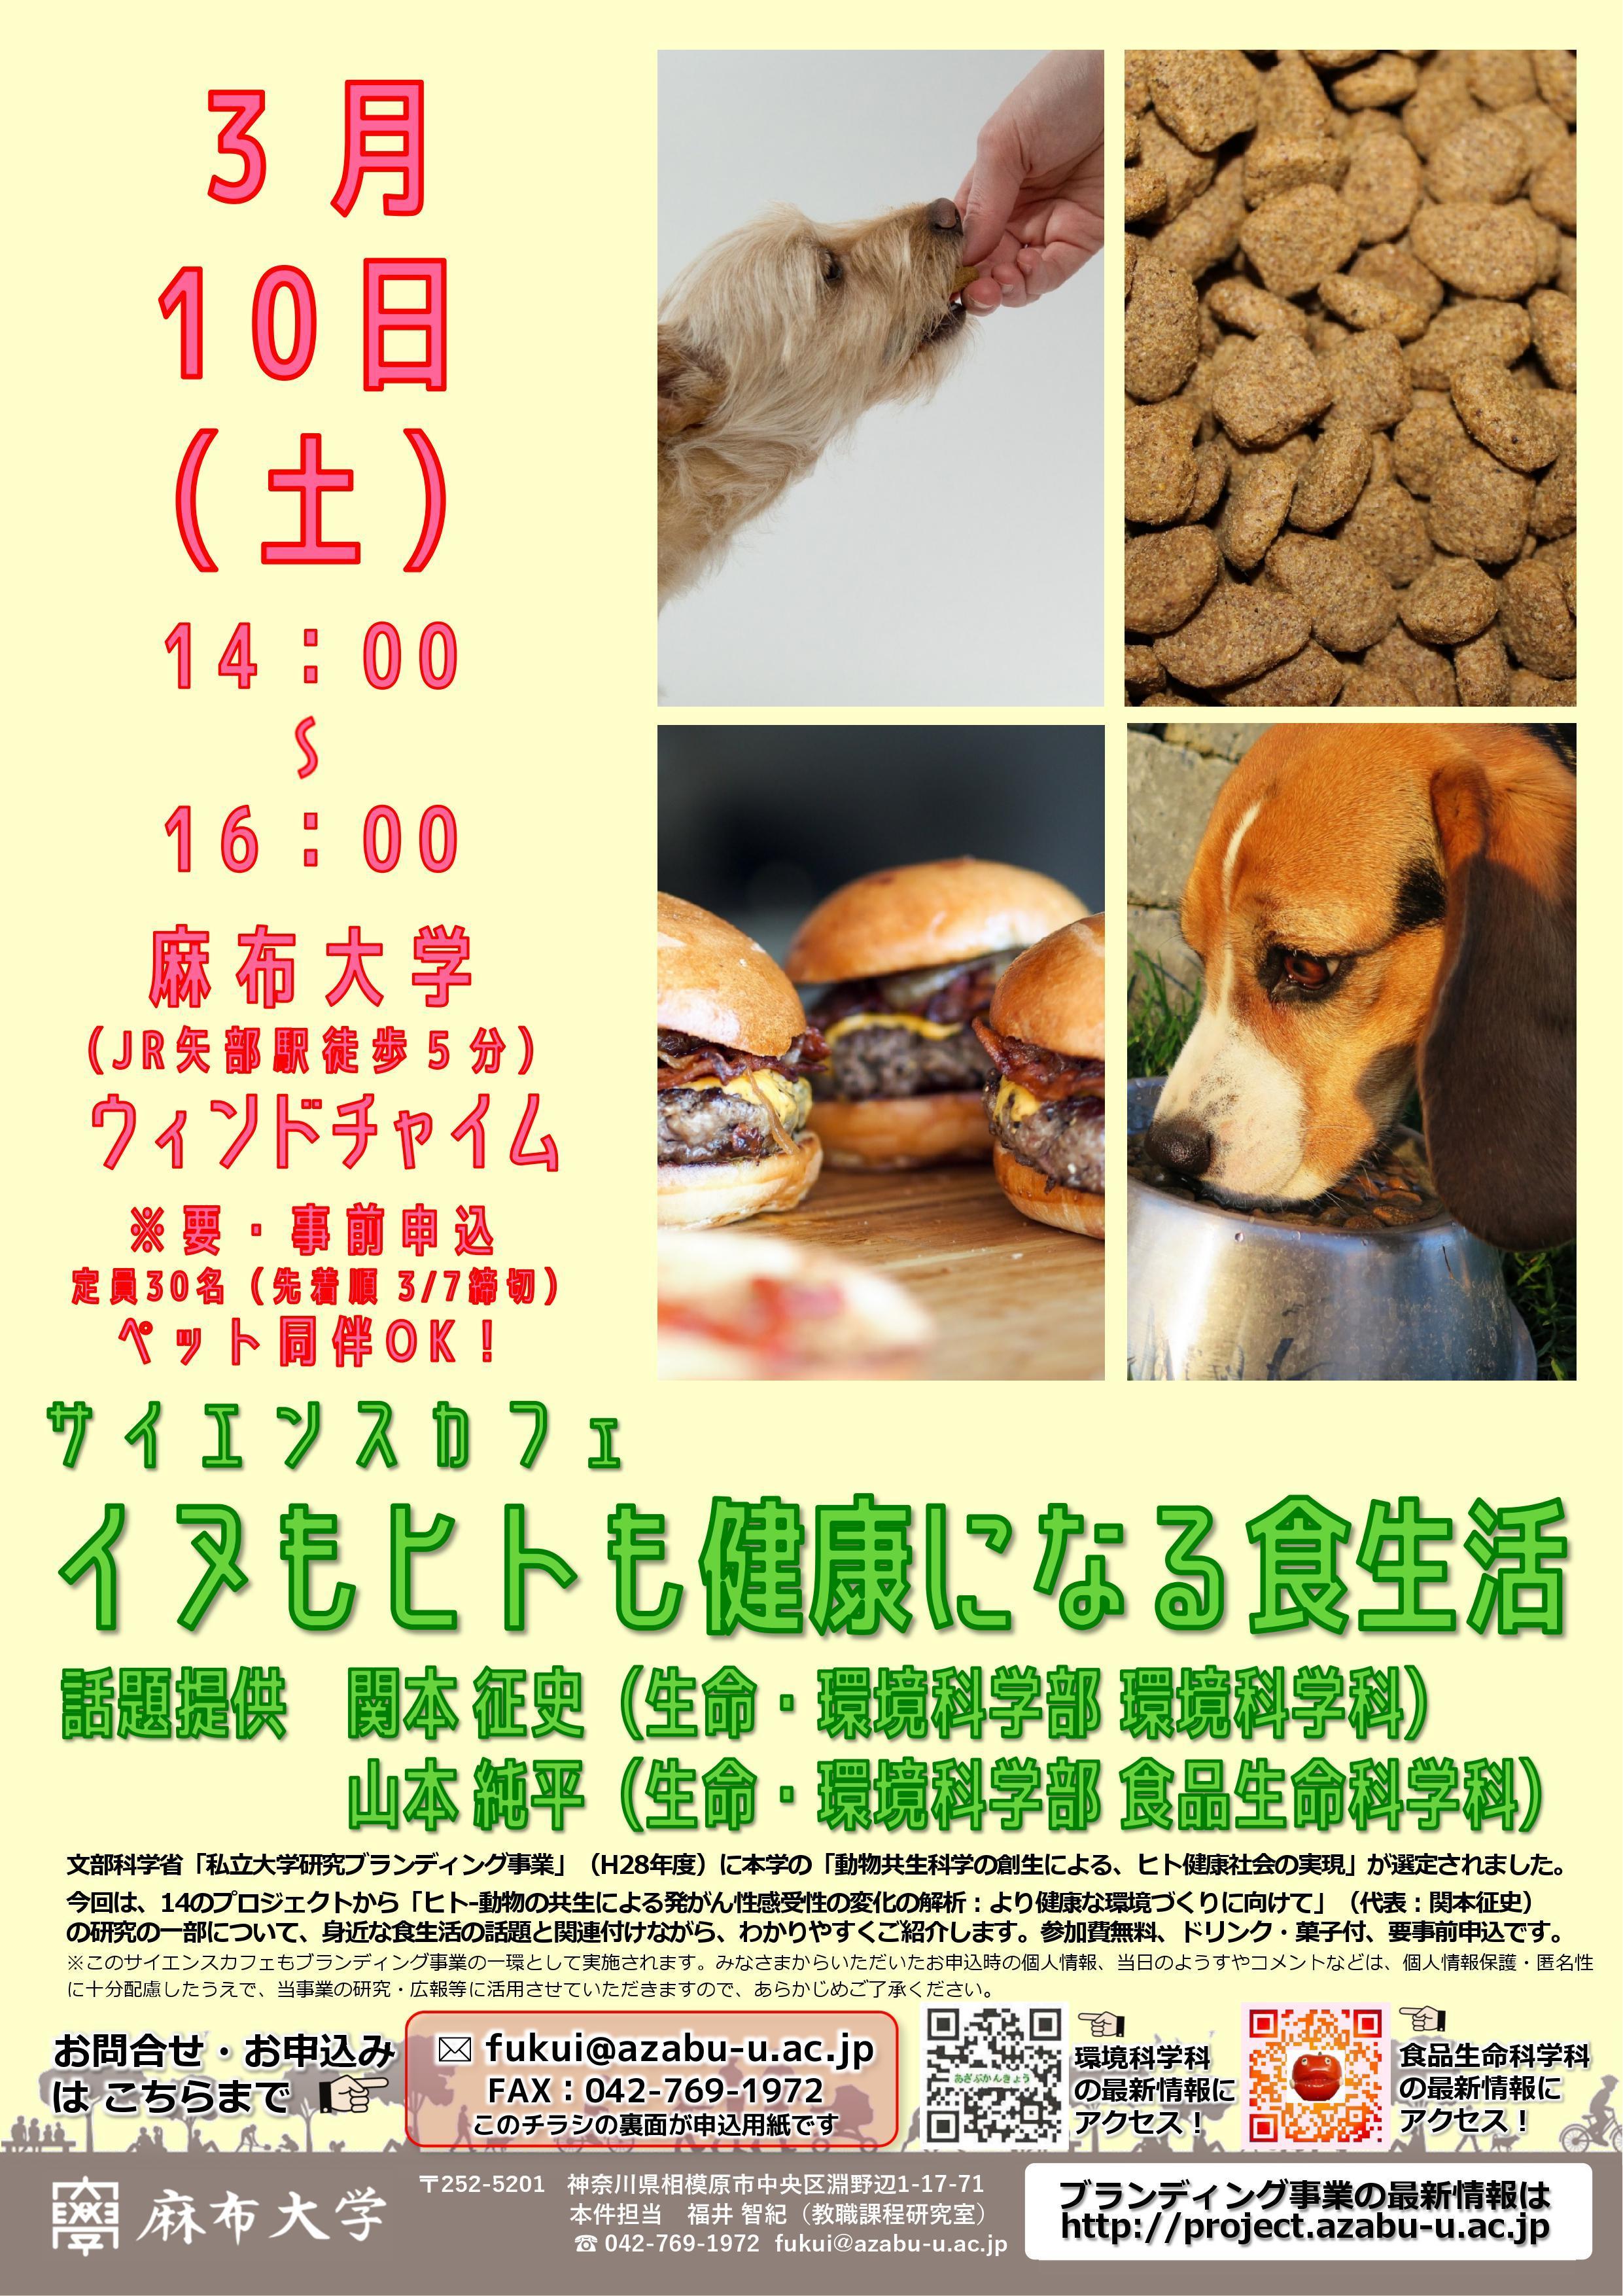 3/10(土)サイエンスカフェ「イヌもヒトも健康になる食生活」を開催します(ペット同伴OK) -- 麻布大学